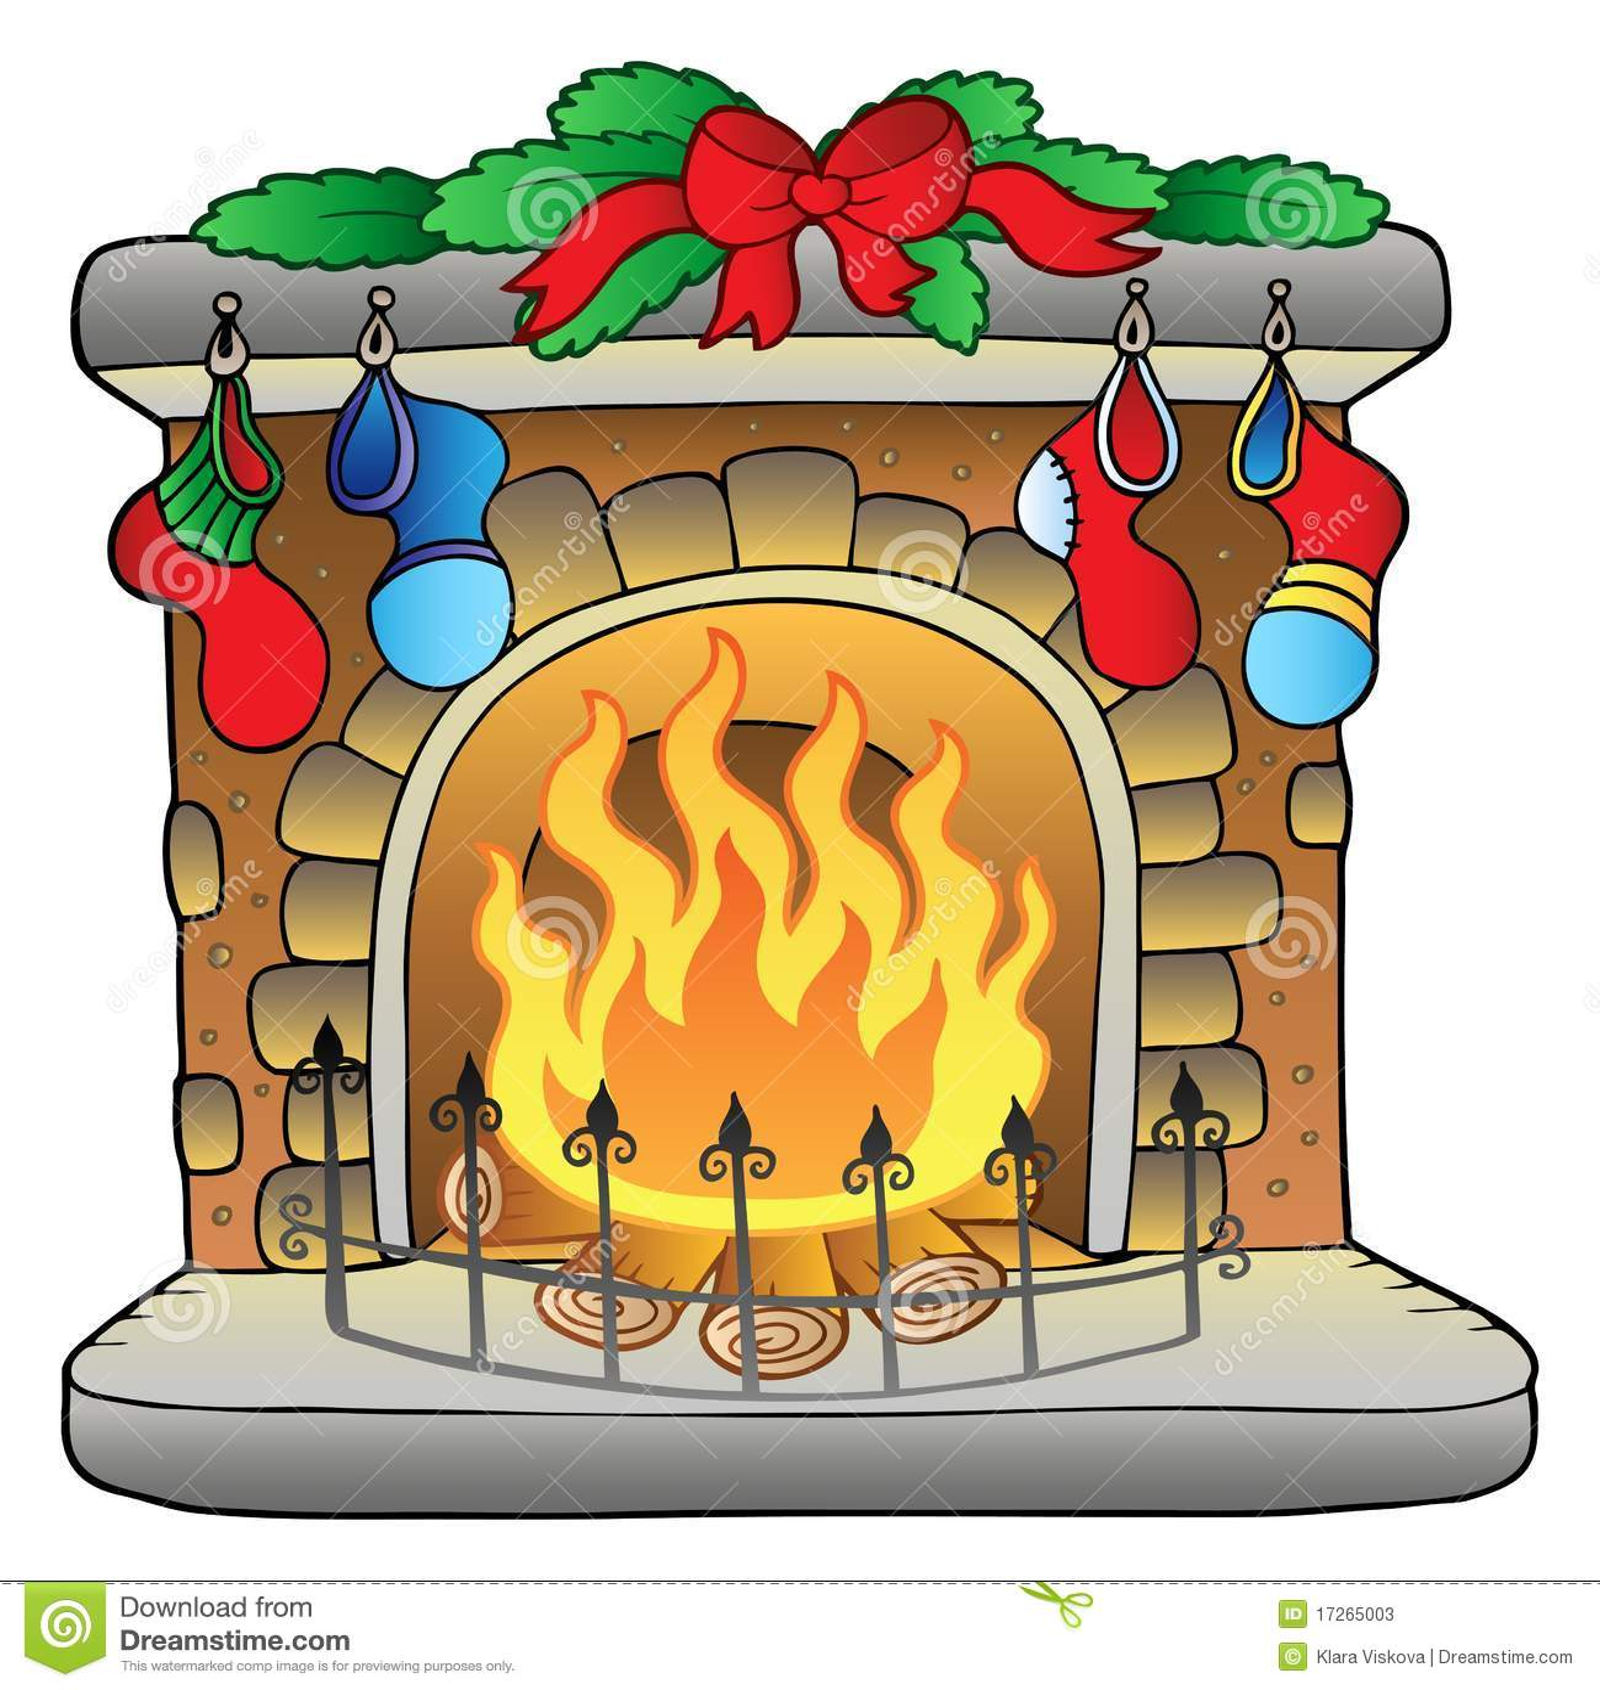 Картинки геометрических, картинка камина с огнем для детей